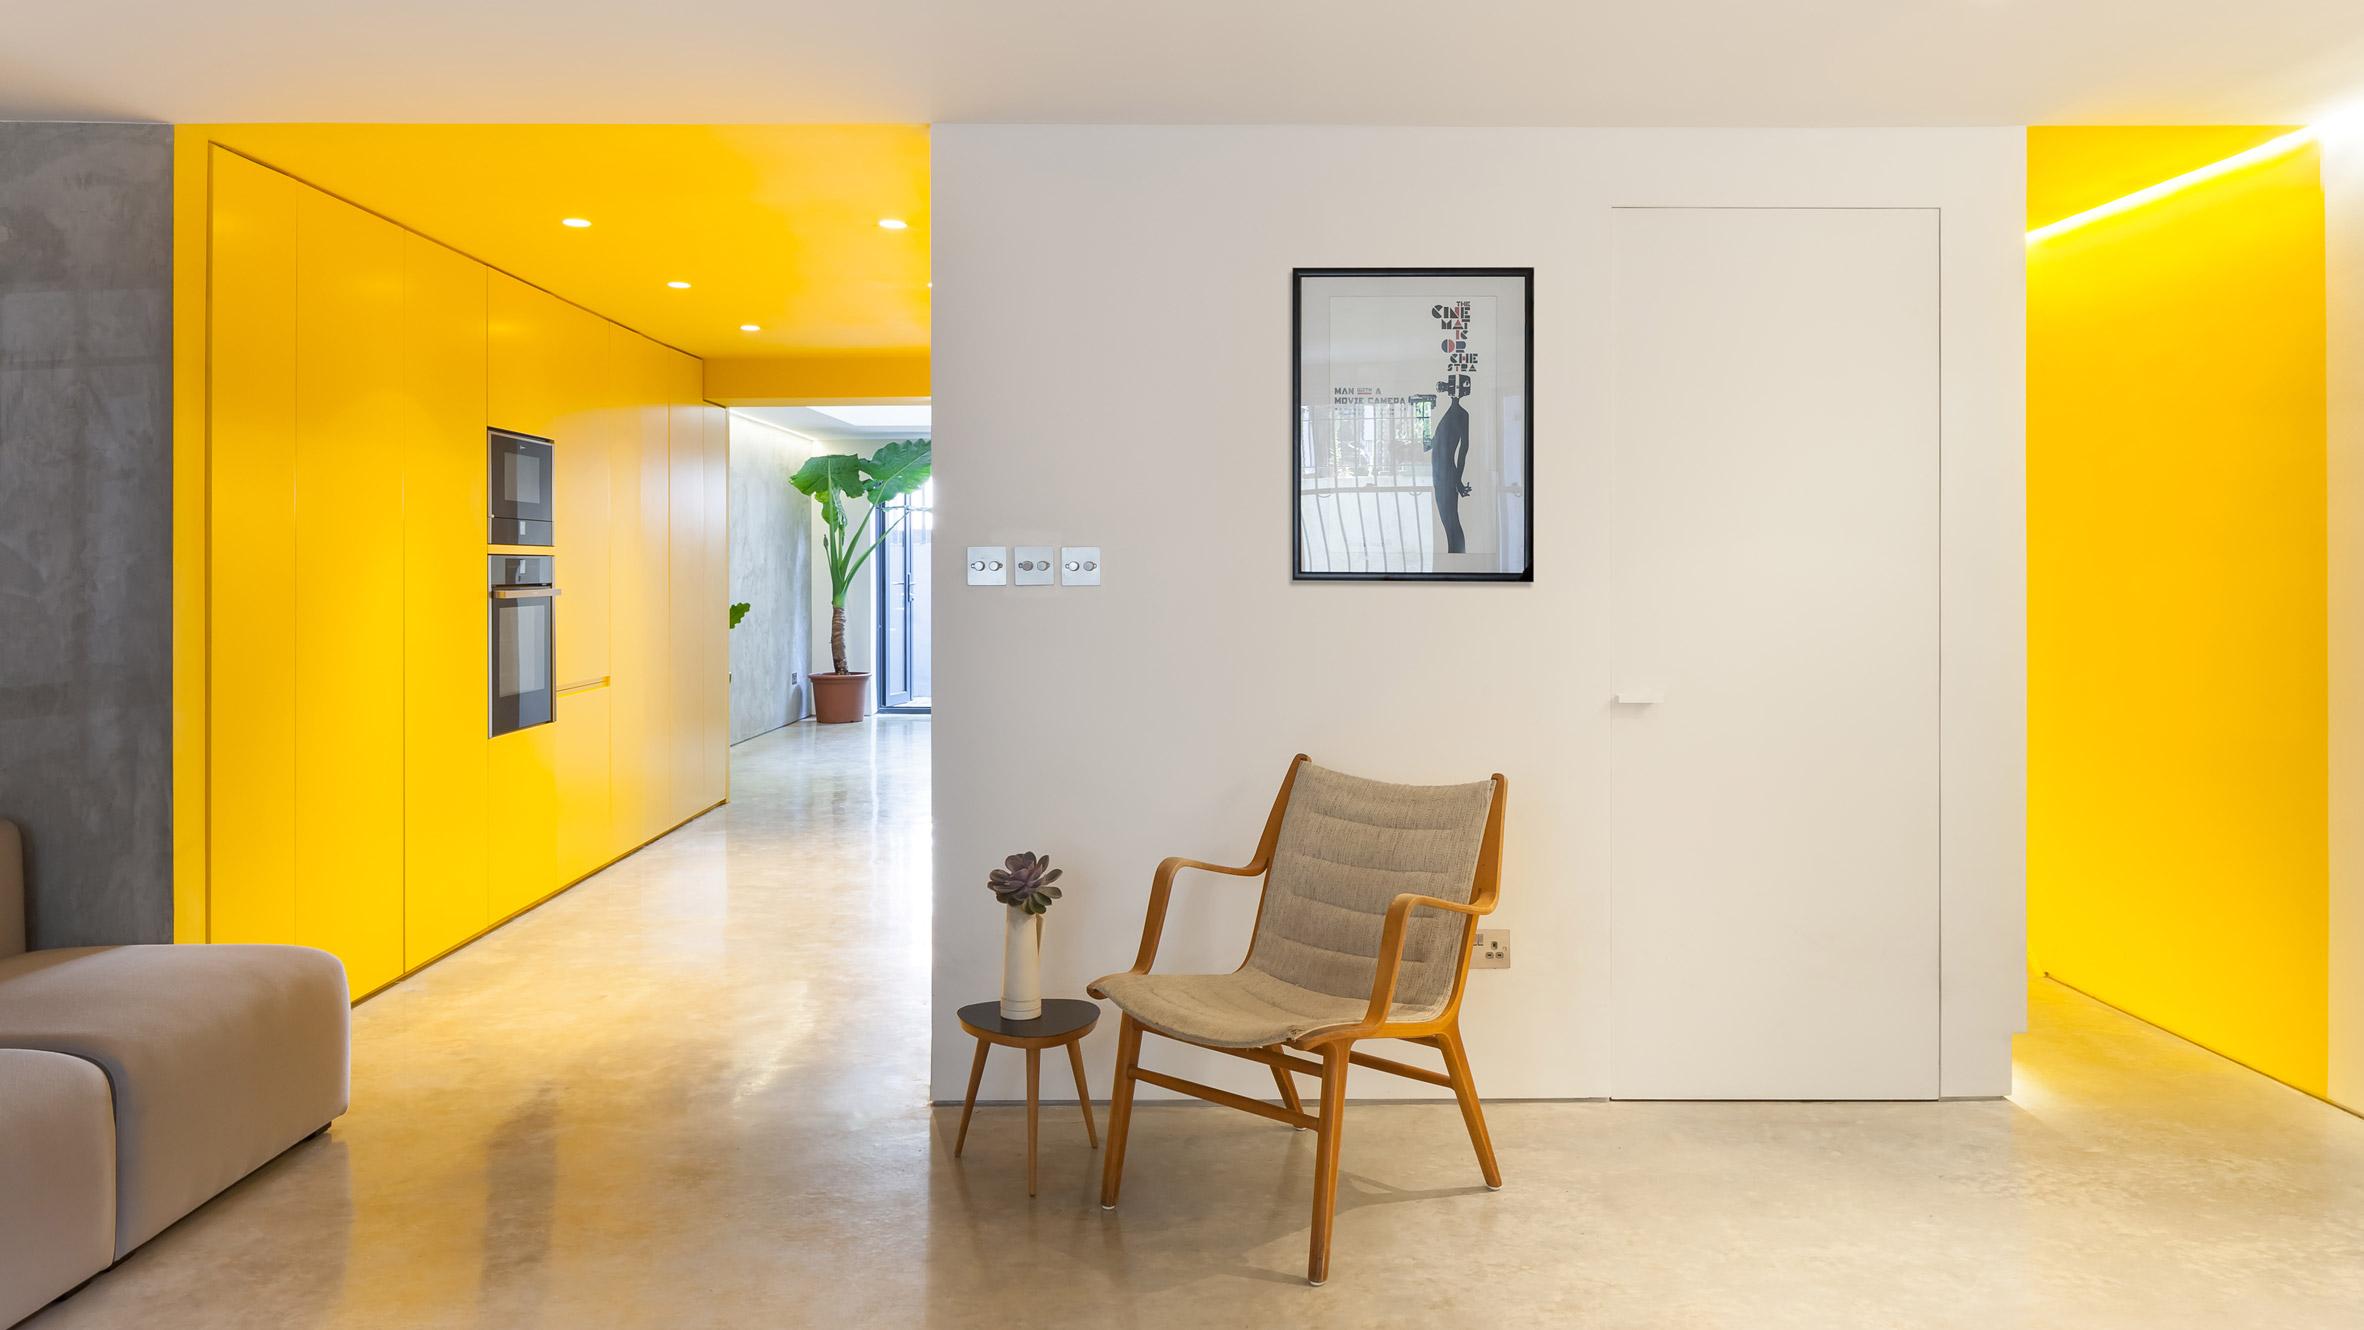 Жълта кухня осветява мазето в къща в Северен Лондон